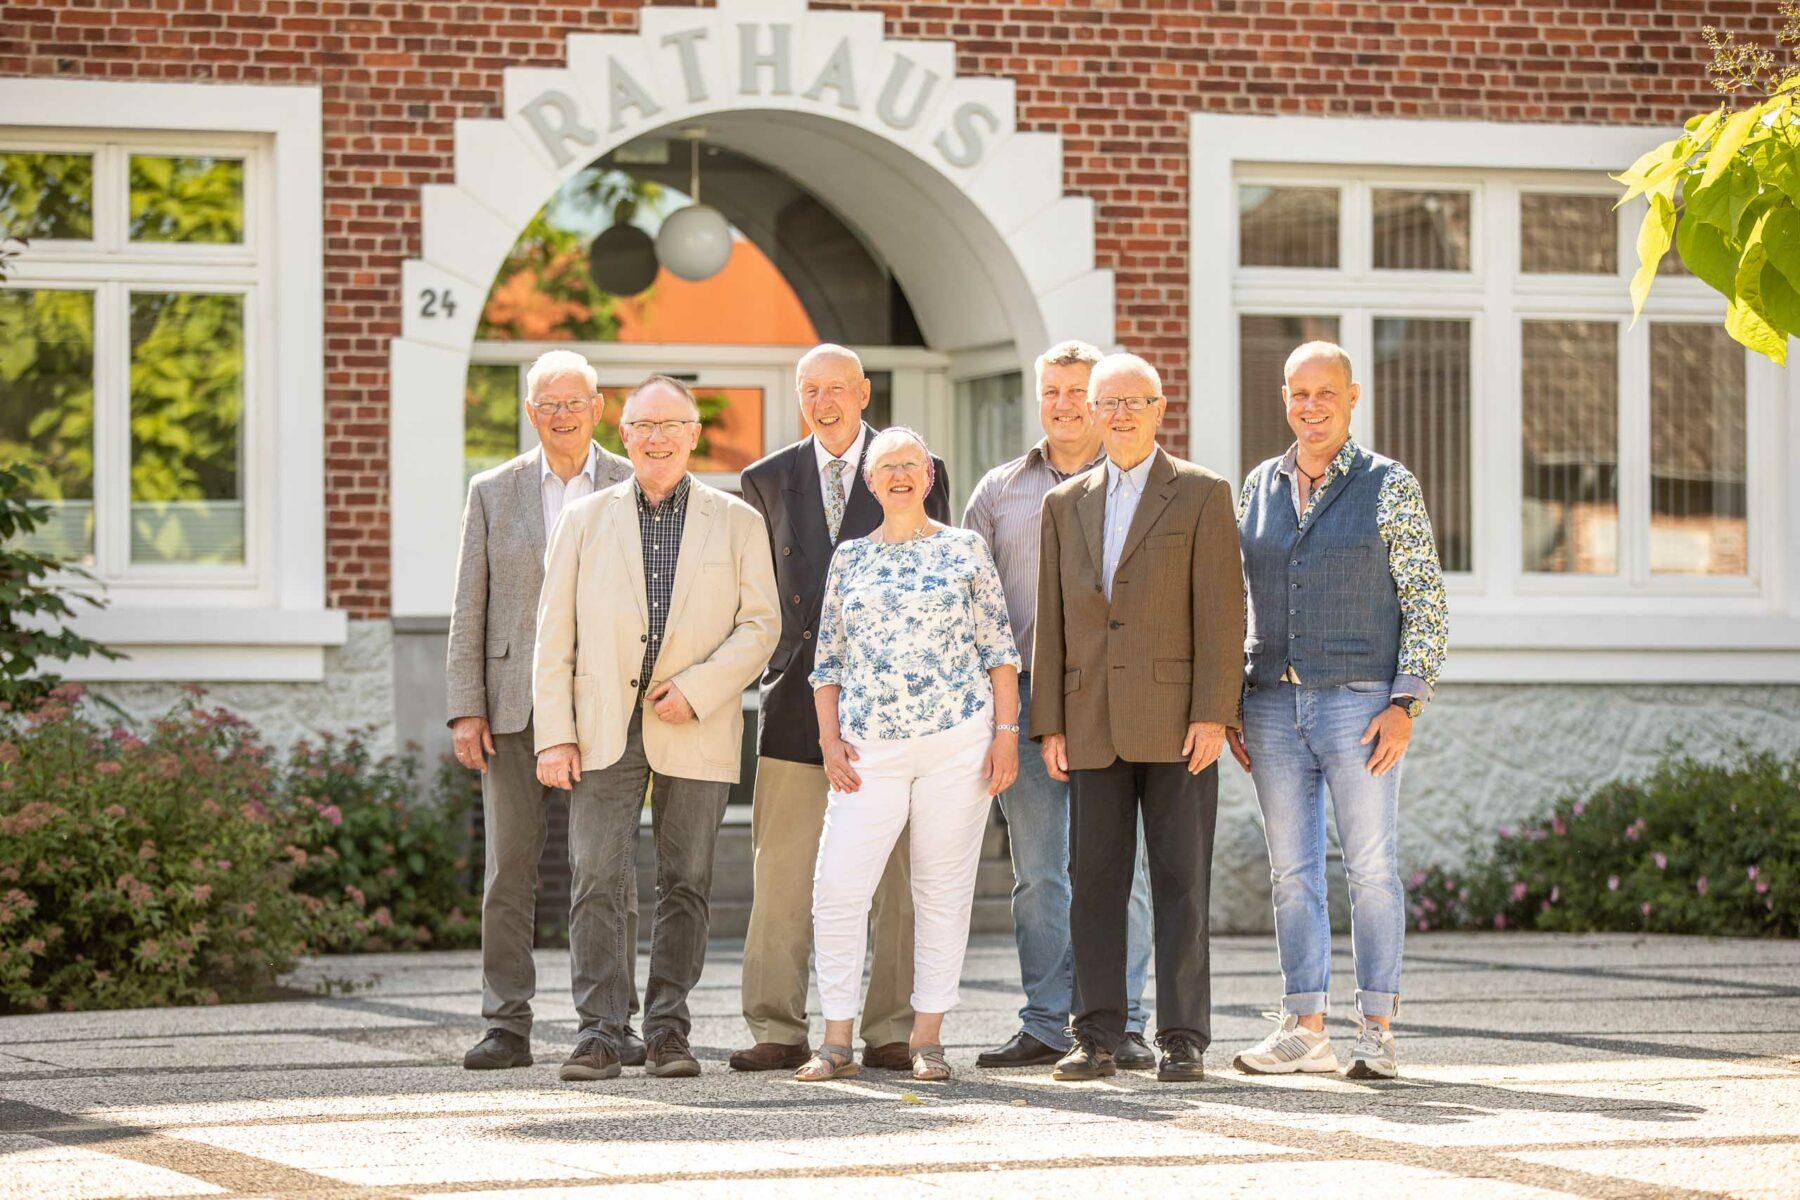 Kandidaten Samtgemeinderat WB1 & Gemeinderat Tostedt